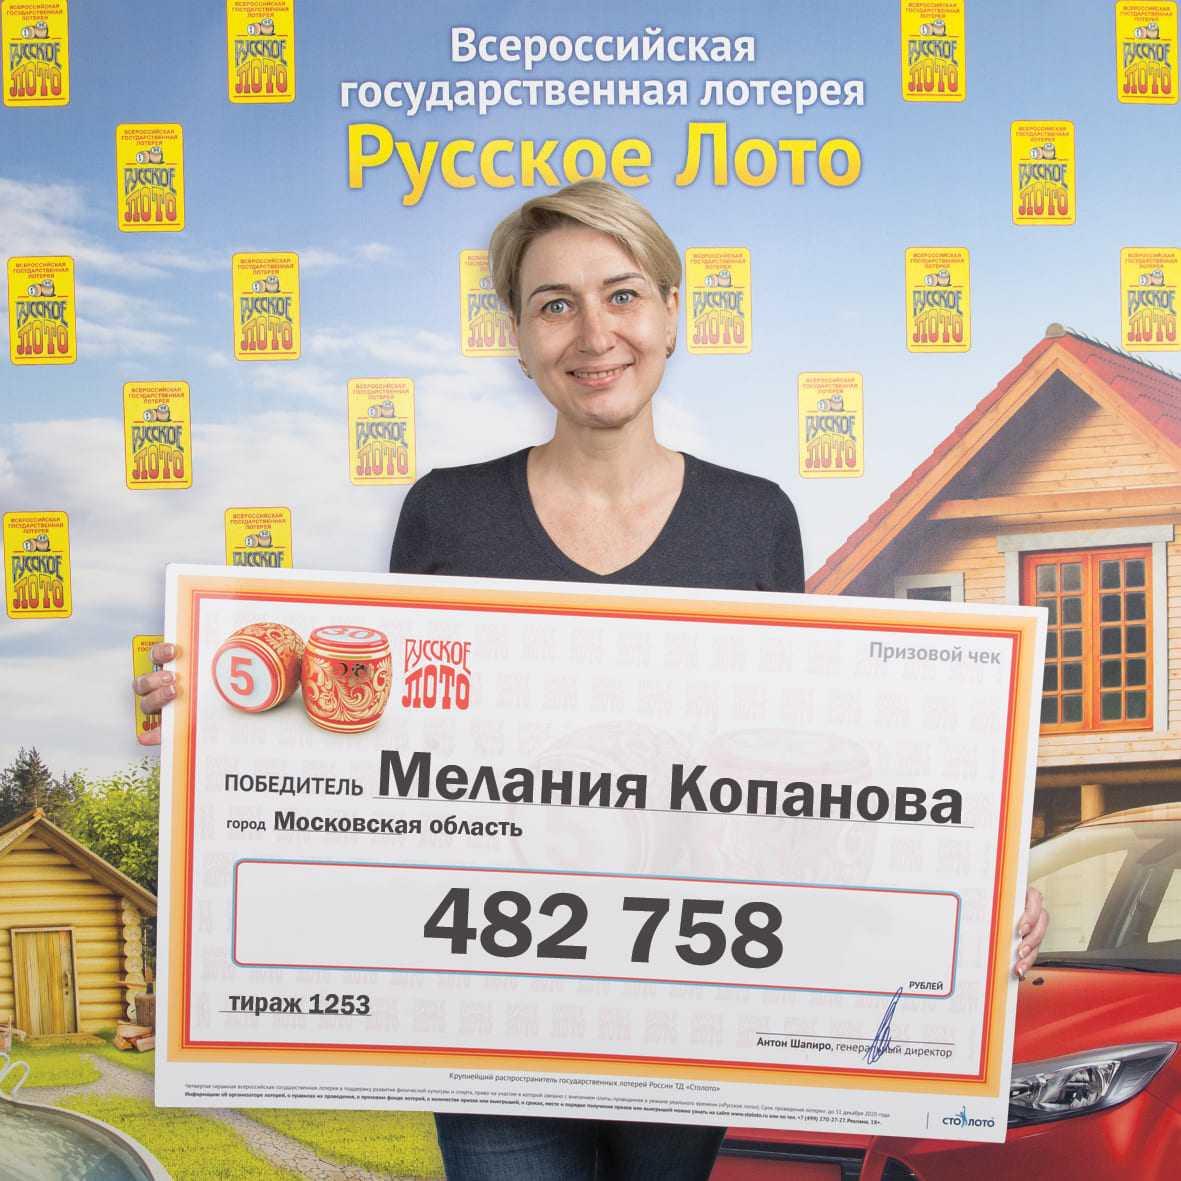 Ergebnisse beliebter Lotterien aus Russland und der ganzen Welt